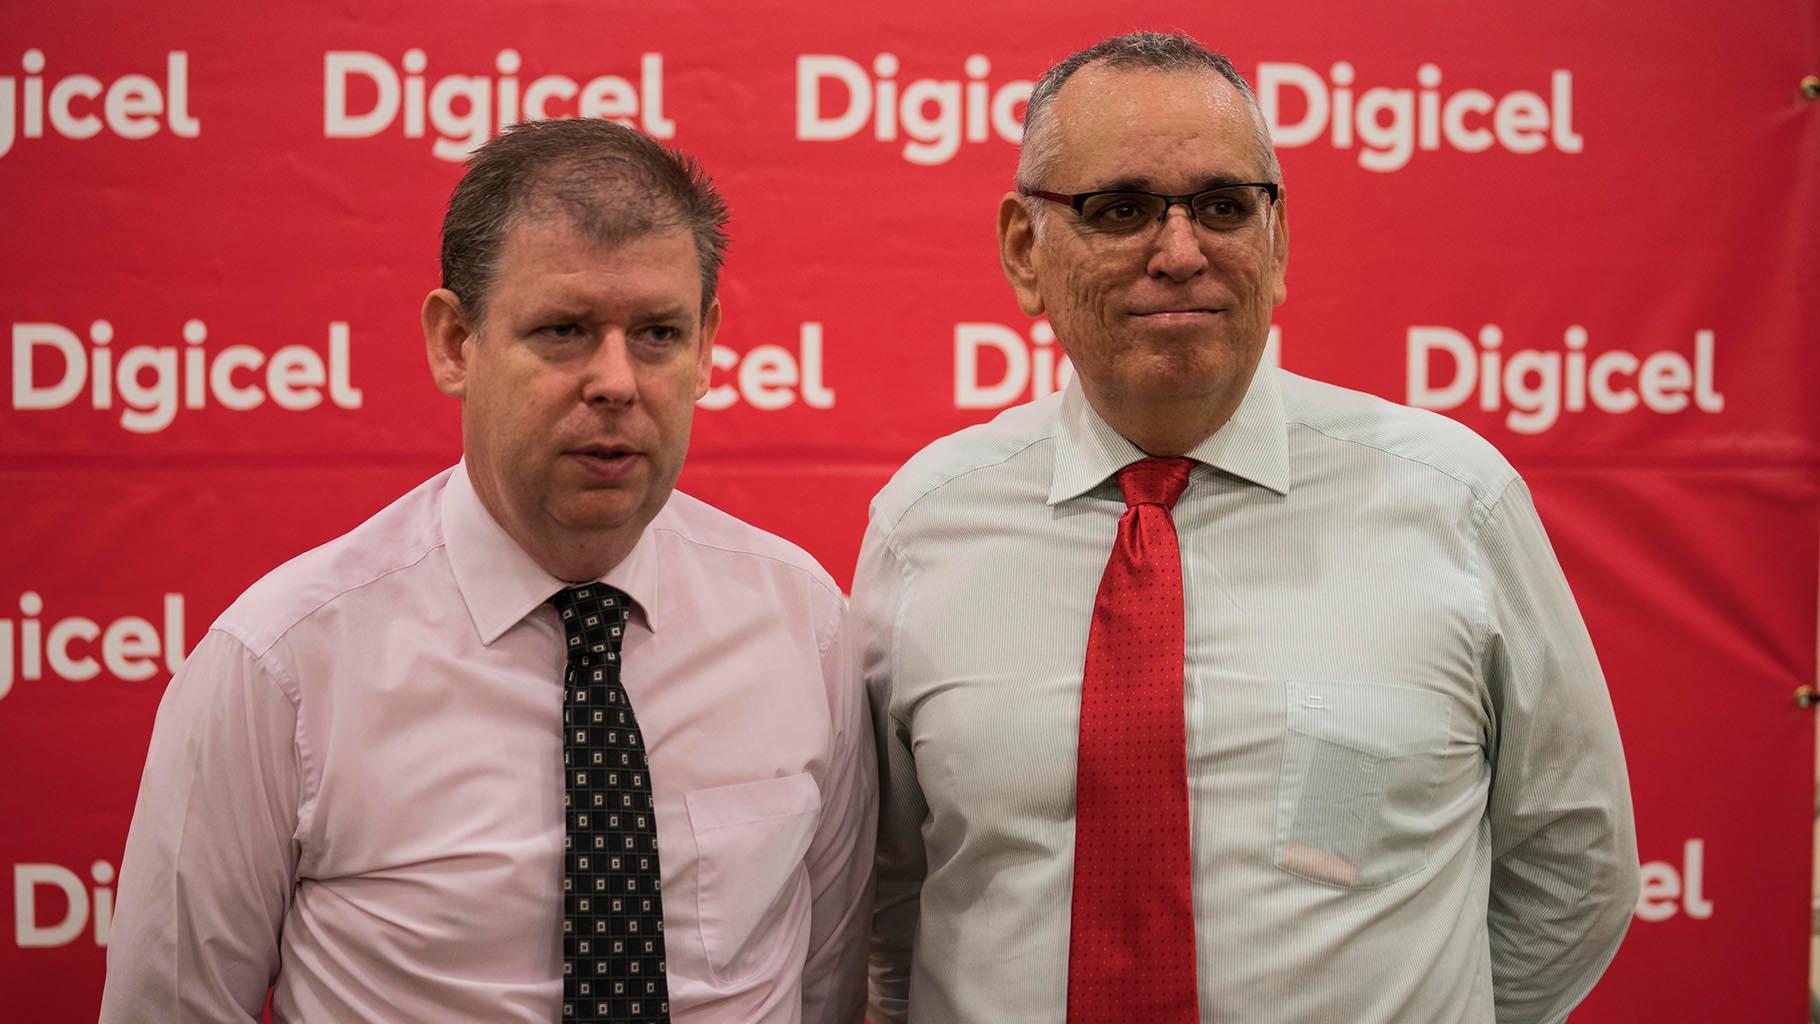 Riba foto, Kevin Kelly, direktor di Digicel Kòrsou i sr. Jorge Cuartas.